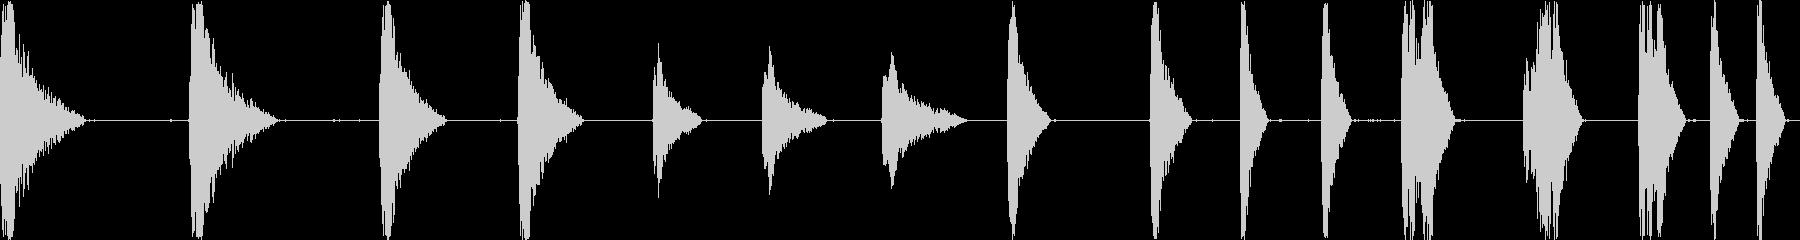 レーザーショットザップ高速アーケードの未再生の波形